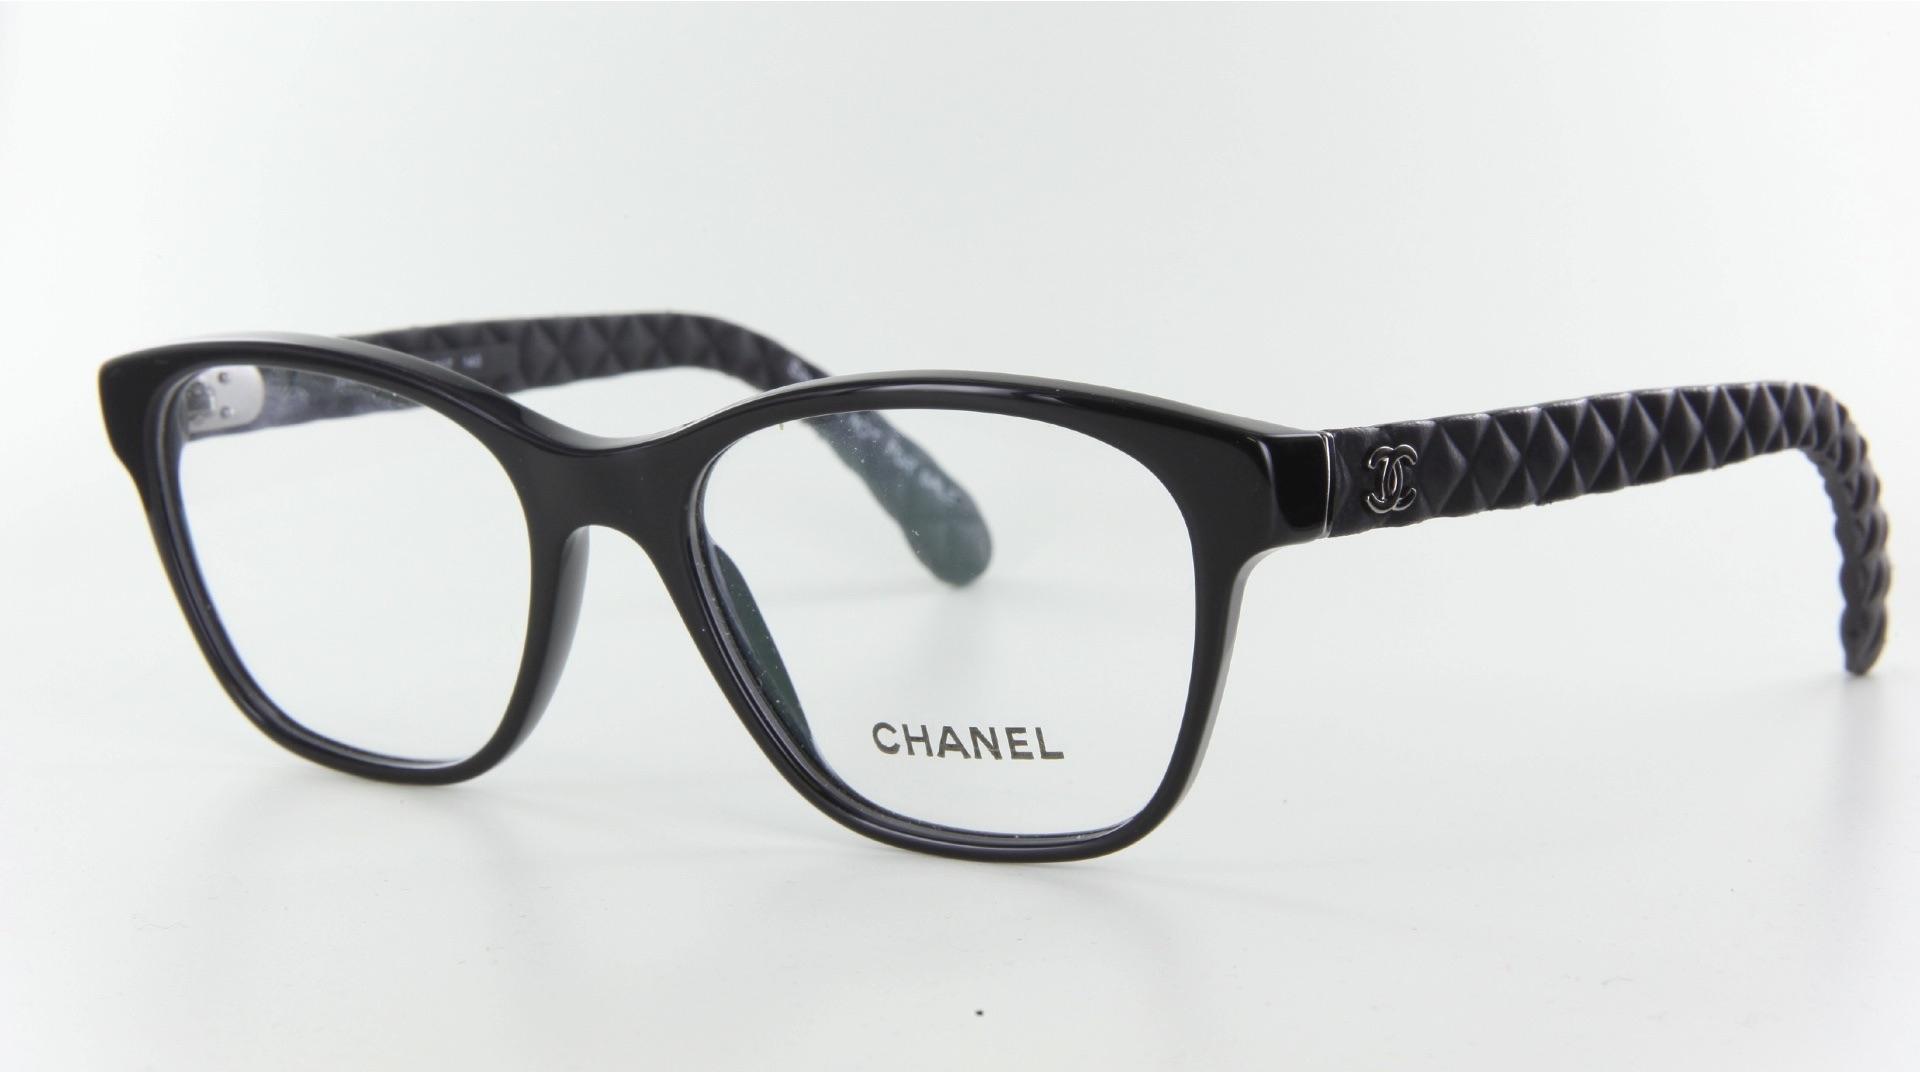 Chanel - ref: 71088